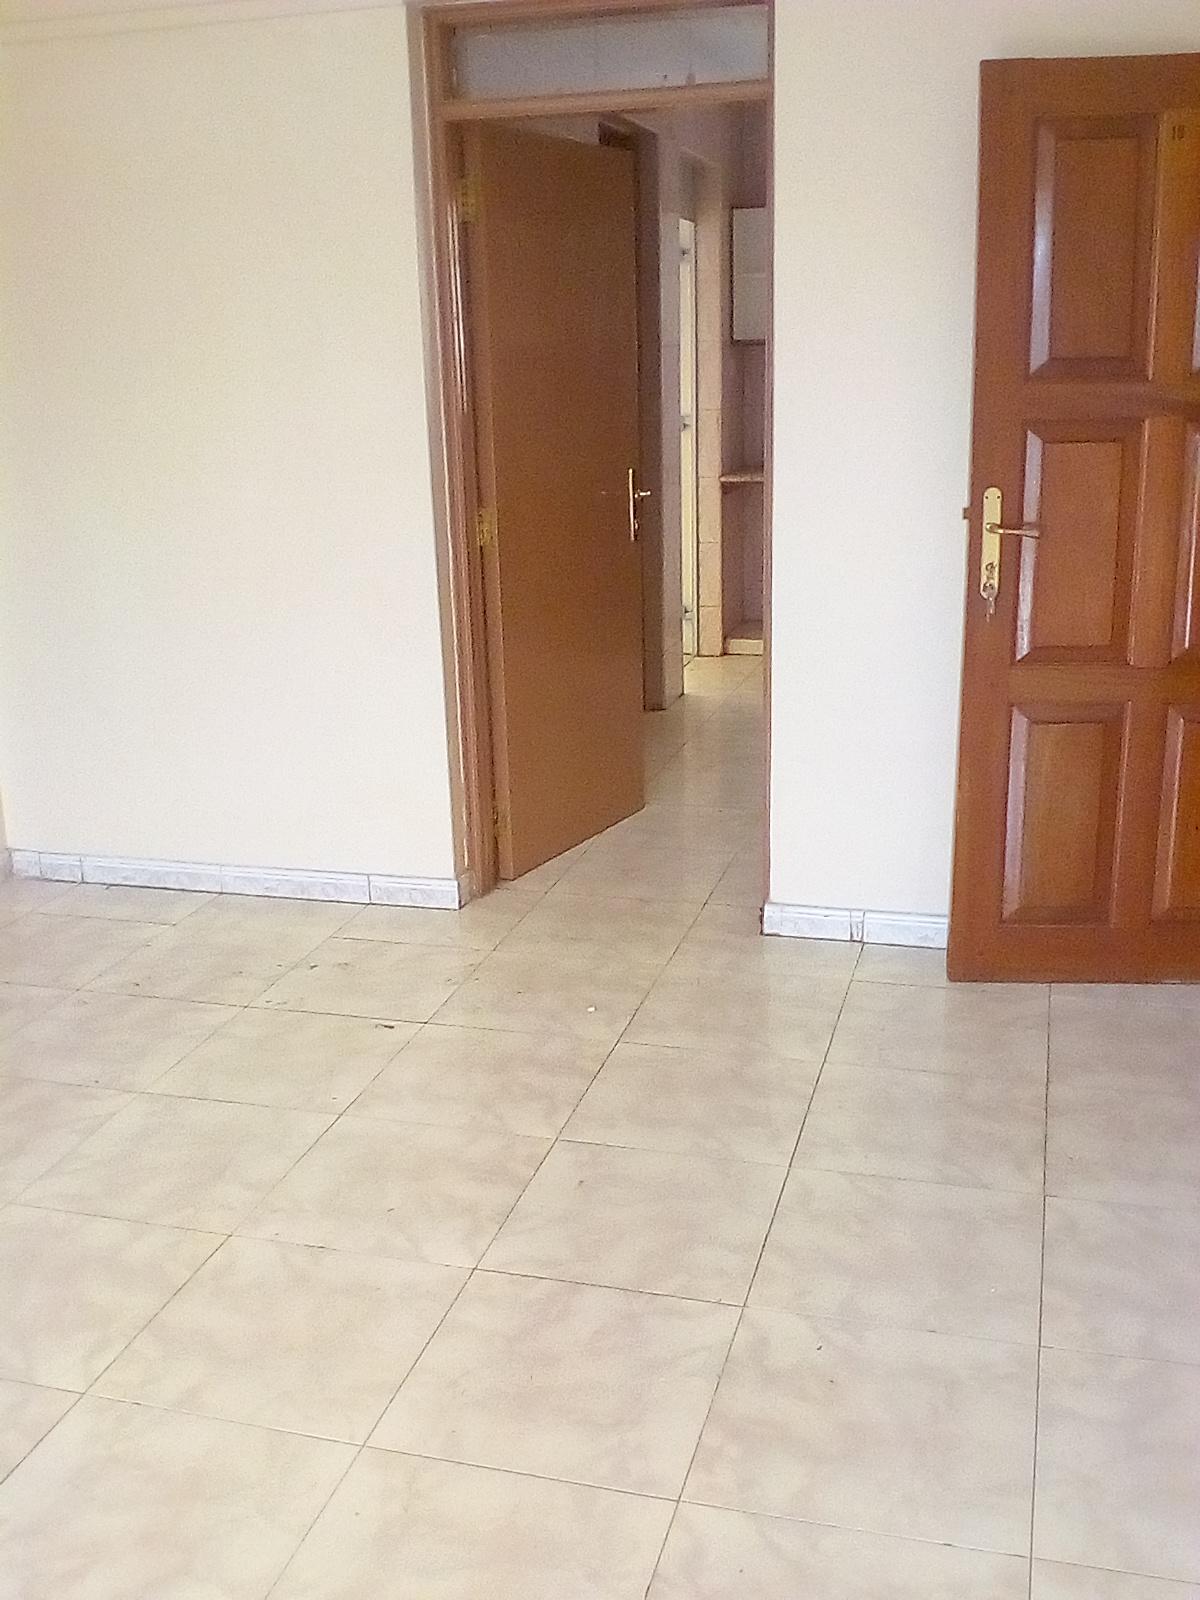 2 Bedrooms In Westlands